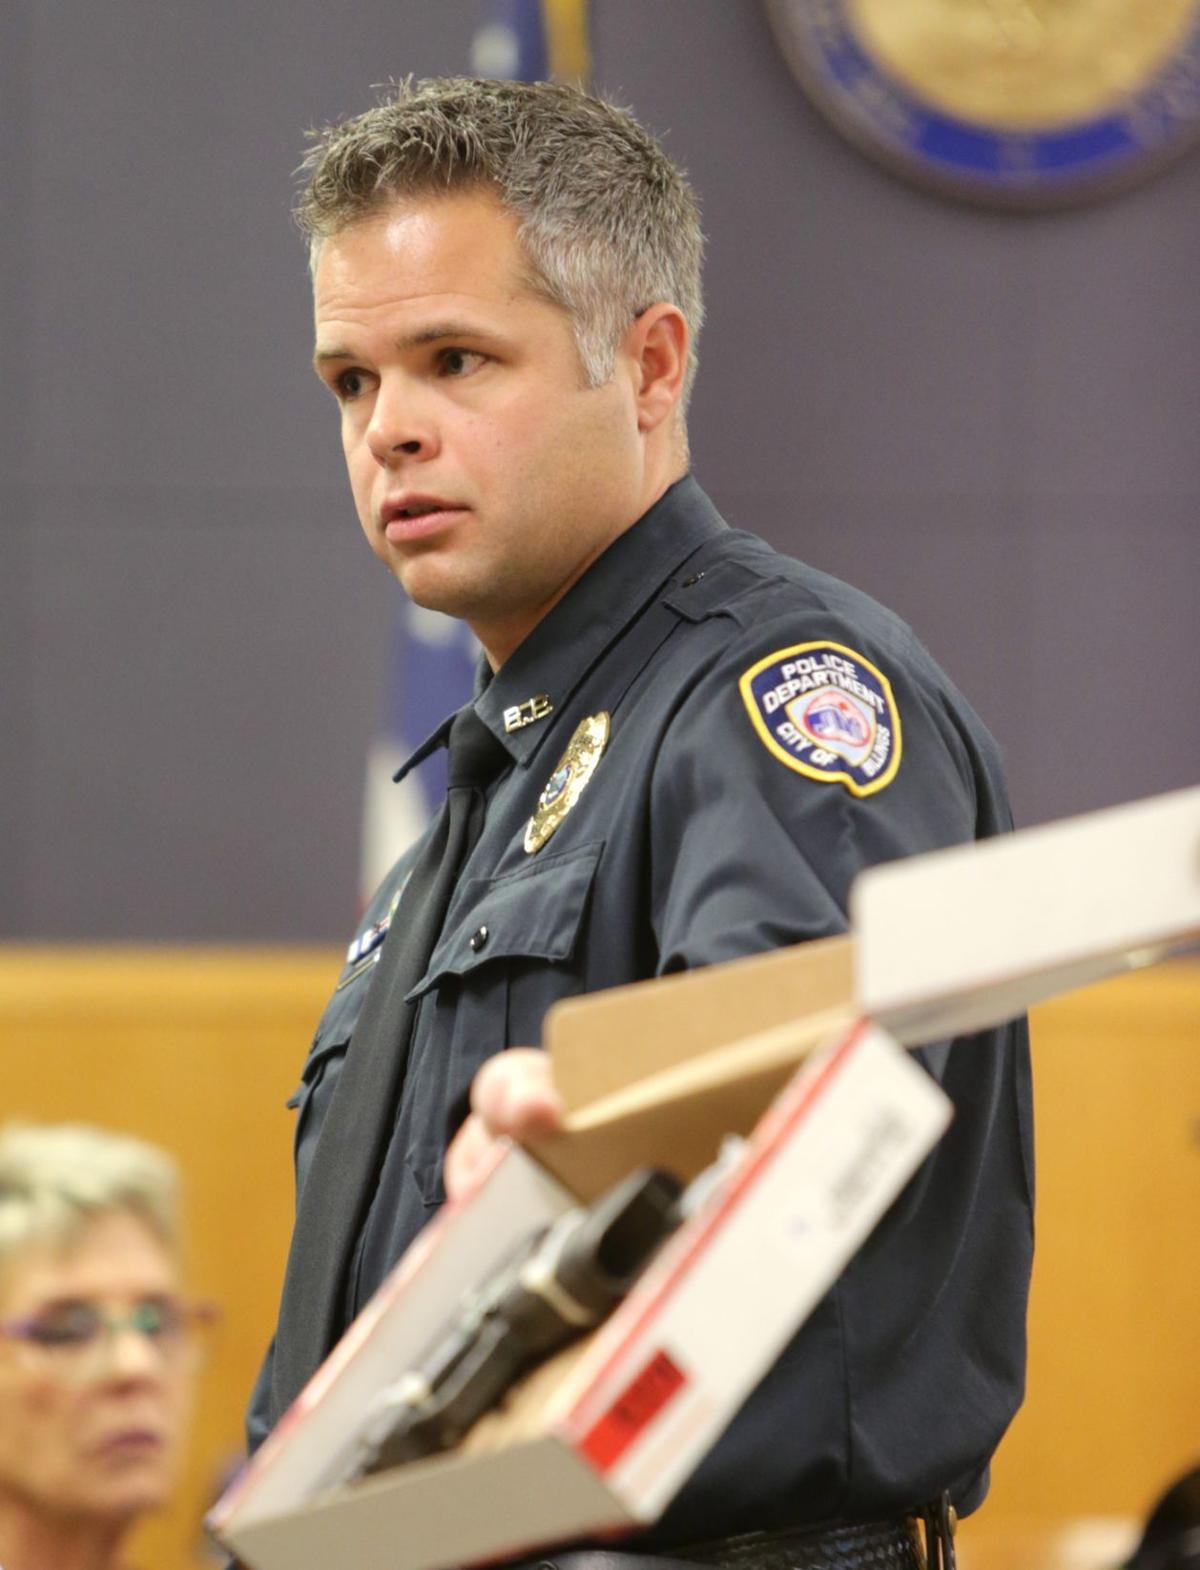 Billings Police officer David Firebaugh